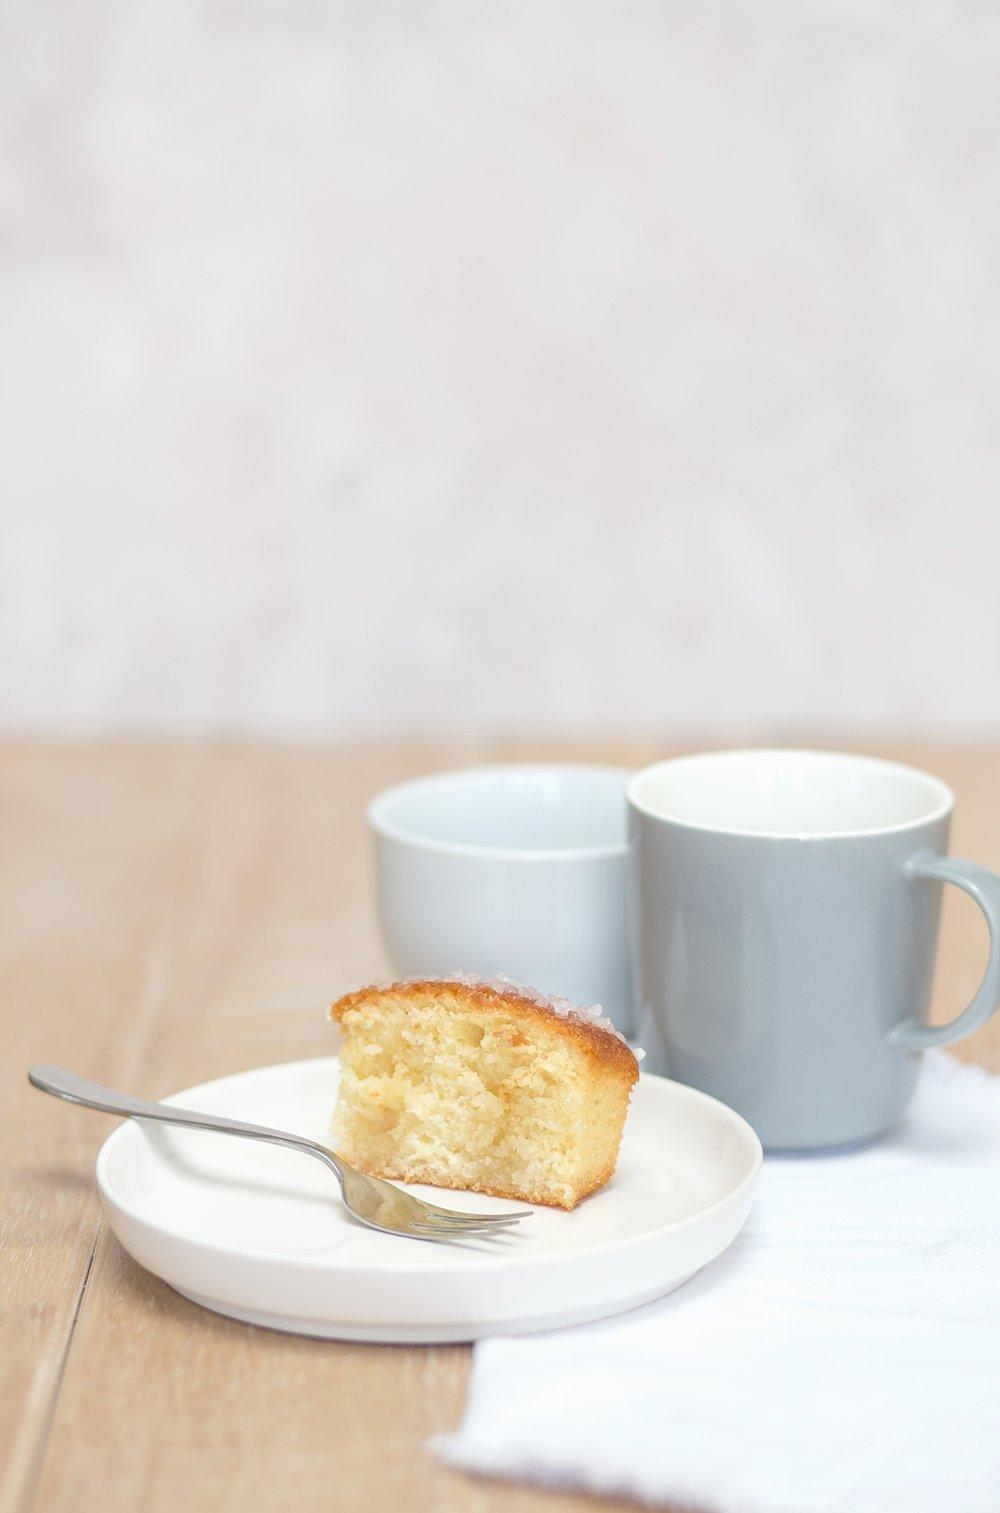 coco-lane-rvk-loves-lemon-curd-loaf-cake_0001.jpg